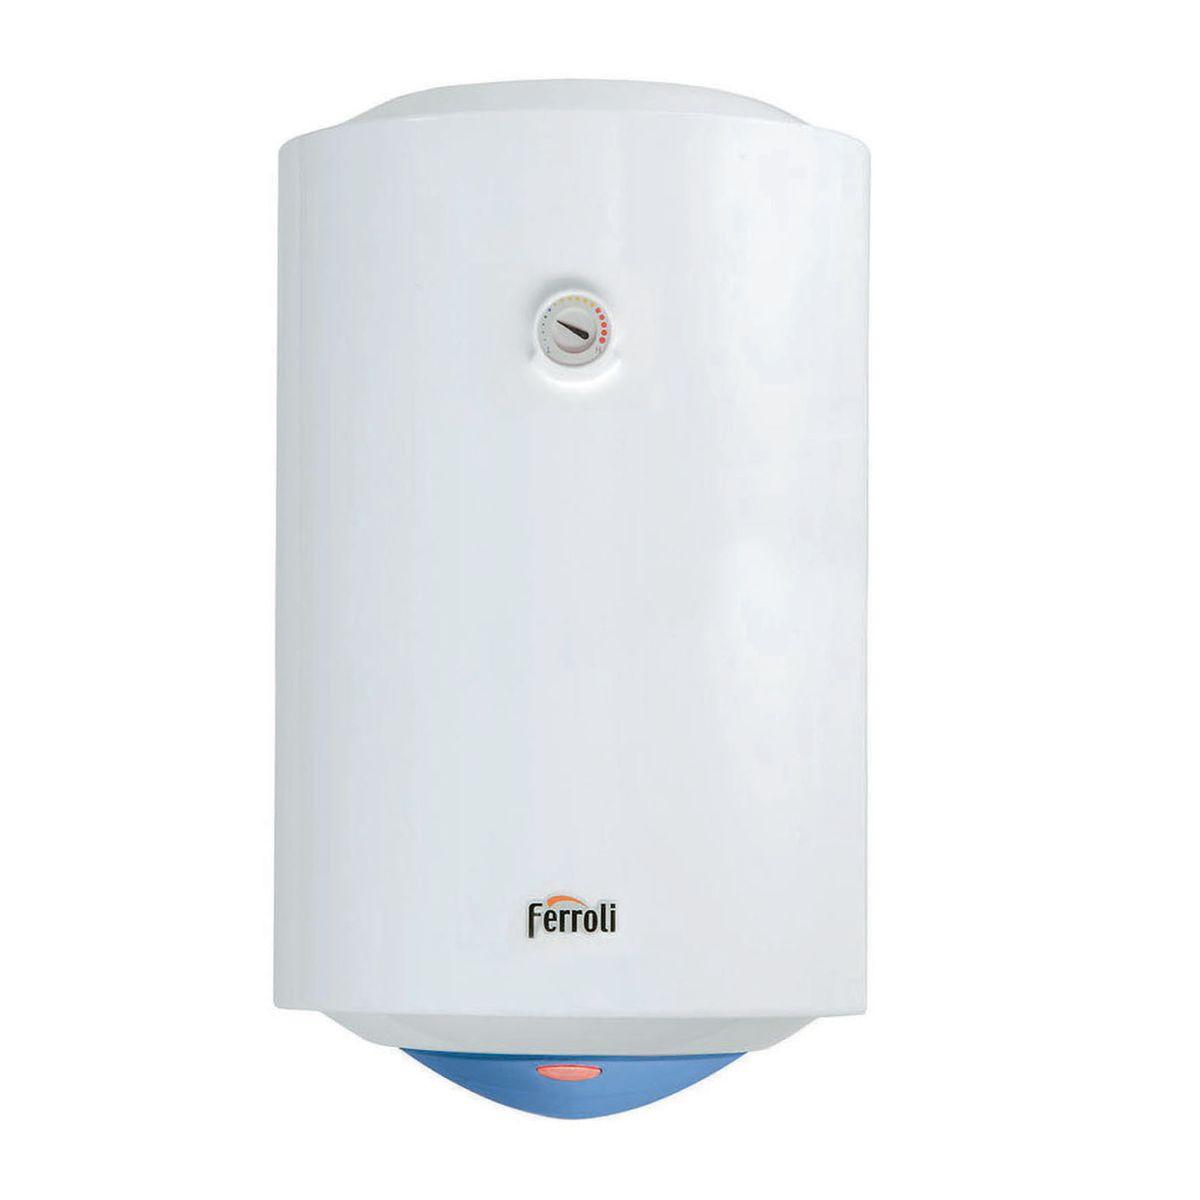 Boiler istantaneo elettrico finest come ridurre i consumi di uno scaldabagno elettrico - Scaldabagno elettrico istantaneo prezzi ...